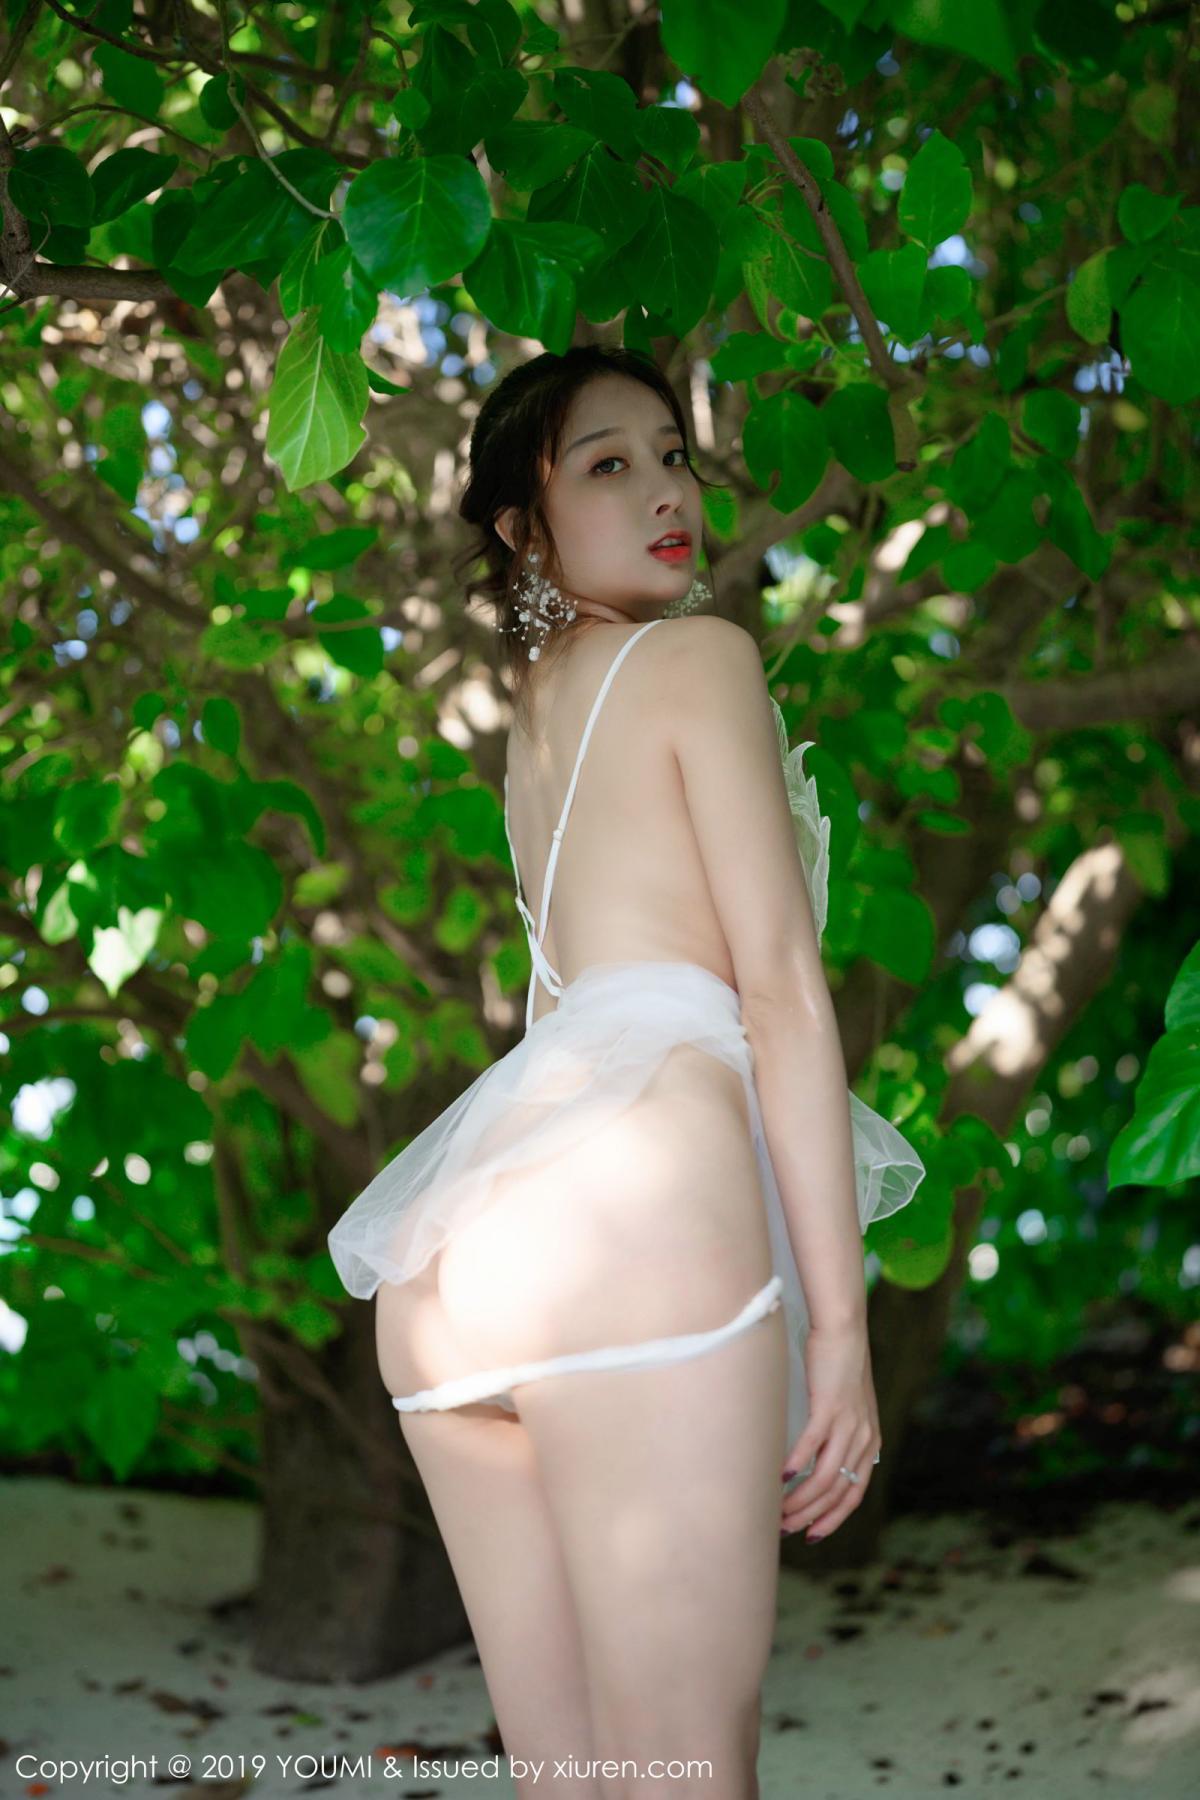 [Huayang] Vol.191 Duan Xiao Hui 24P, Beach, Duan Xiao Hui, HuaYang, Underwear